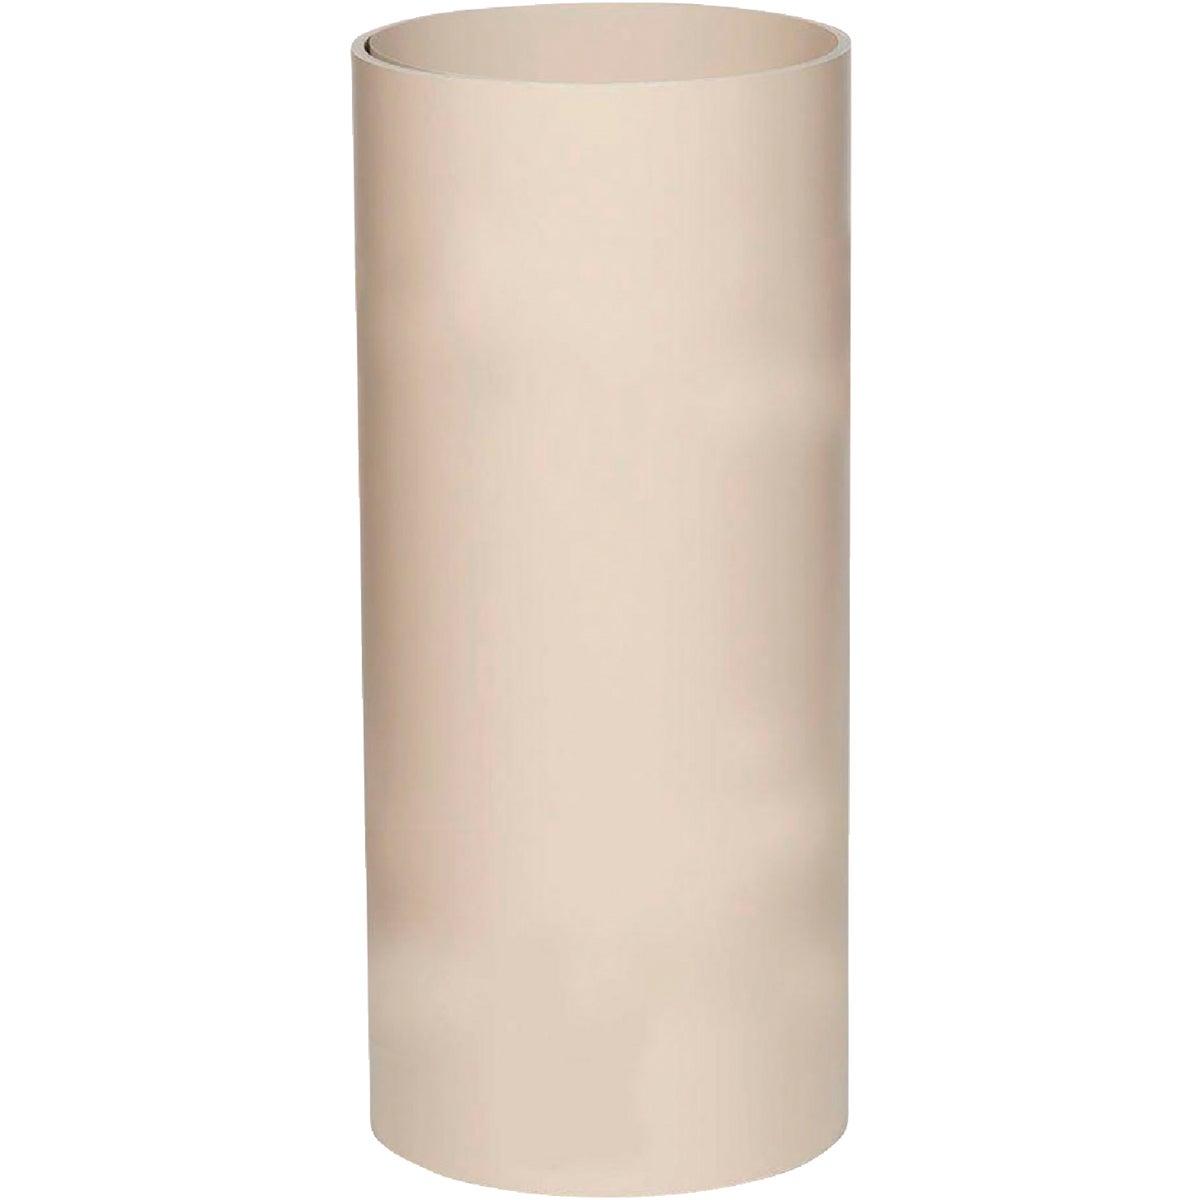 Amerimax Painted Aluminum Trim Coil, 69124046